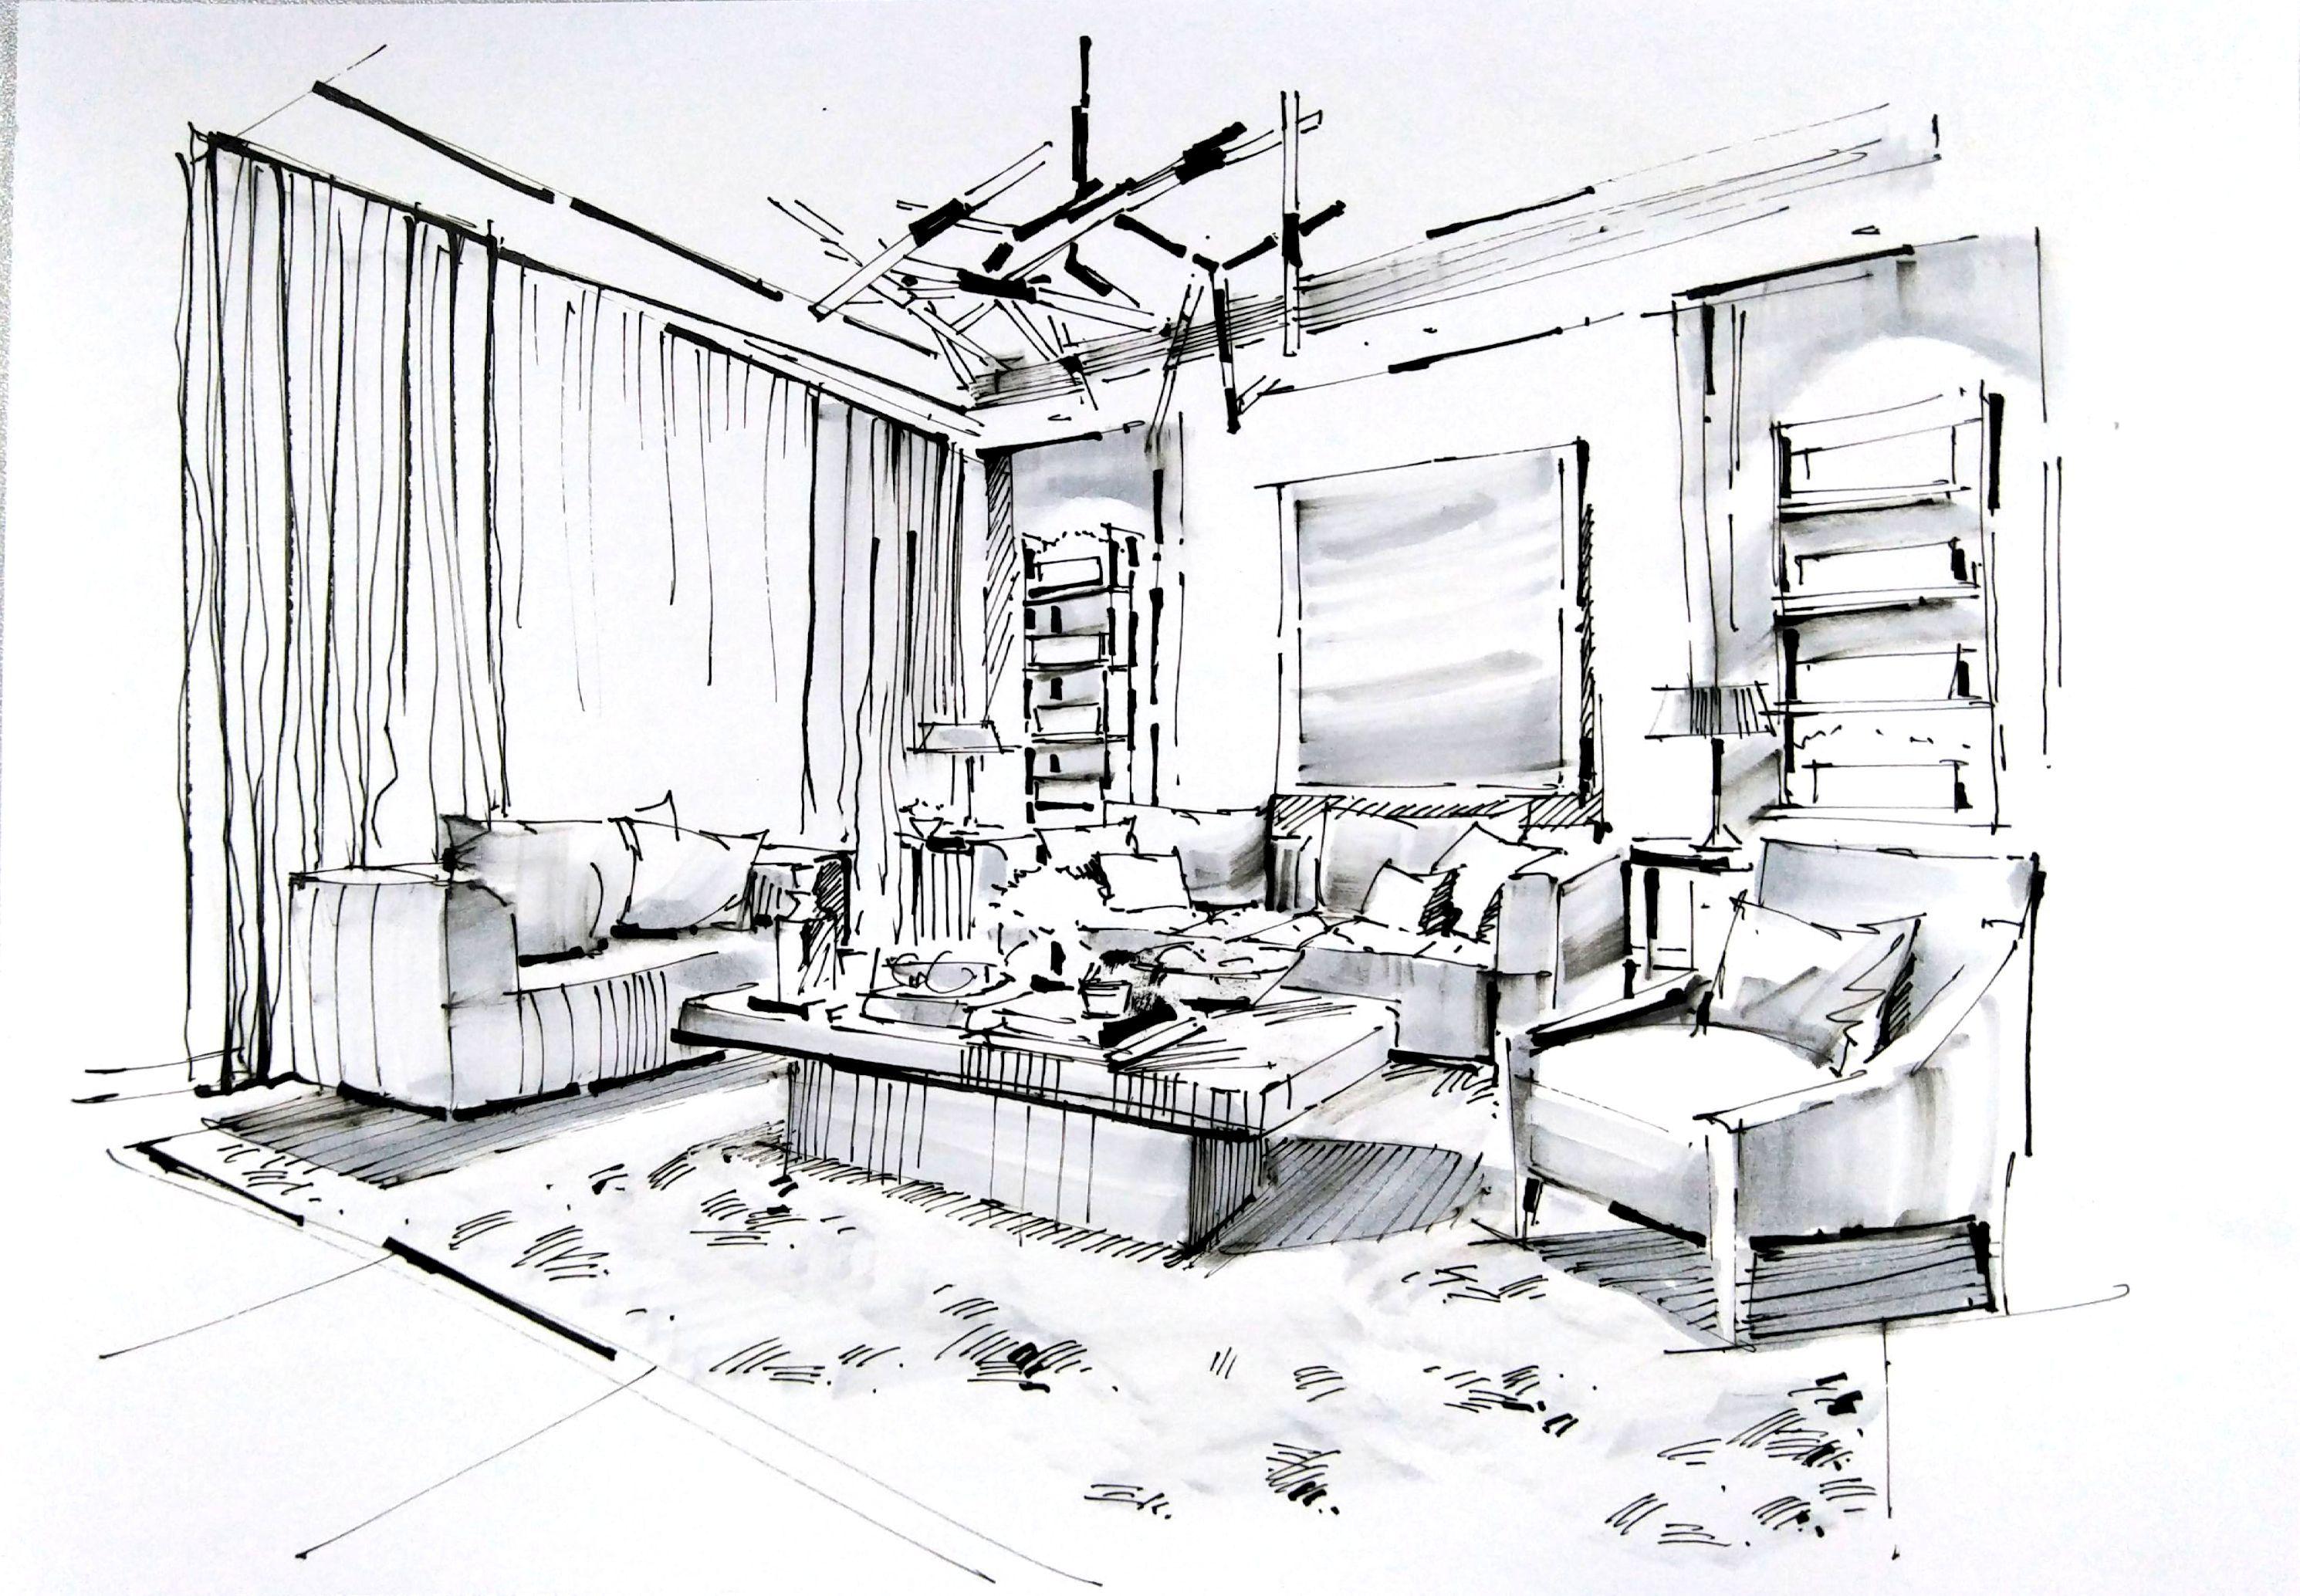 一叶手绘2017年度部分作品|空间|室内设计|一叶手绘